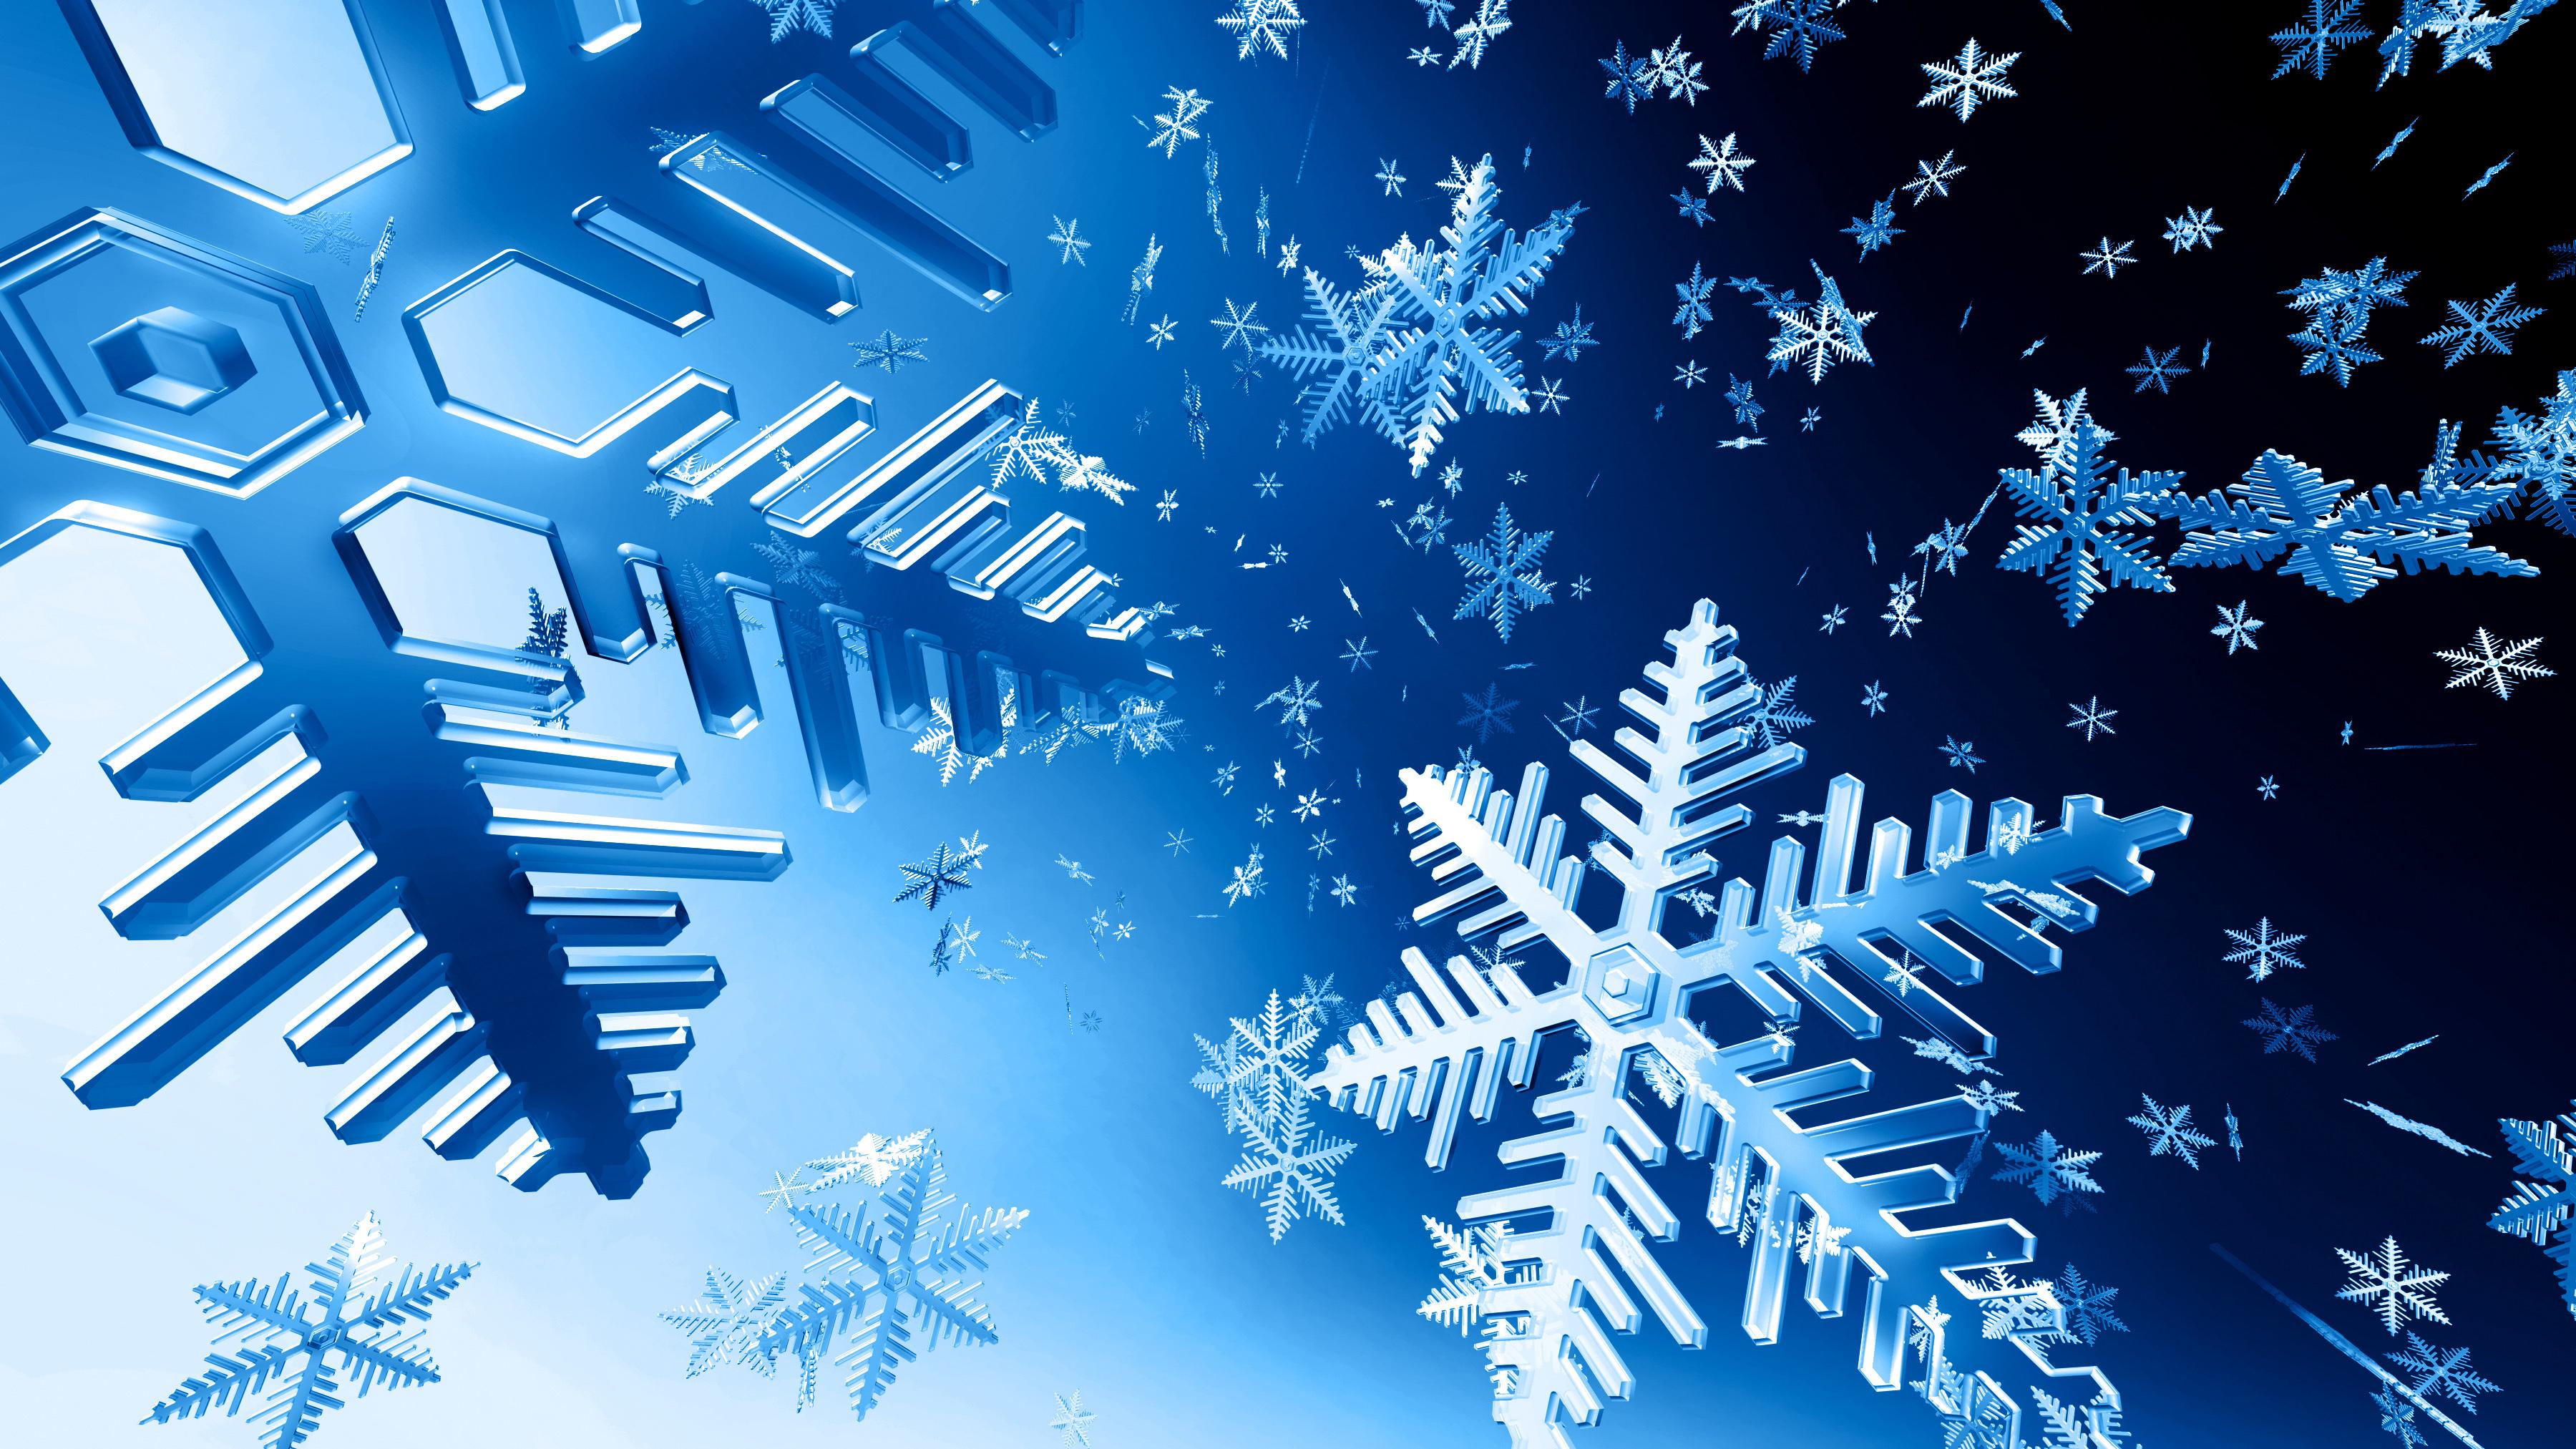 漂亮的蓝色雪  ps高清风景图片素材 ps高清背景图片素材 ps高清人物